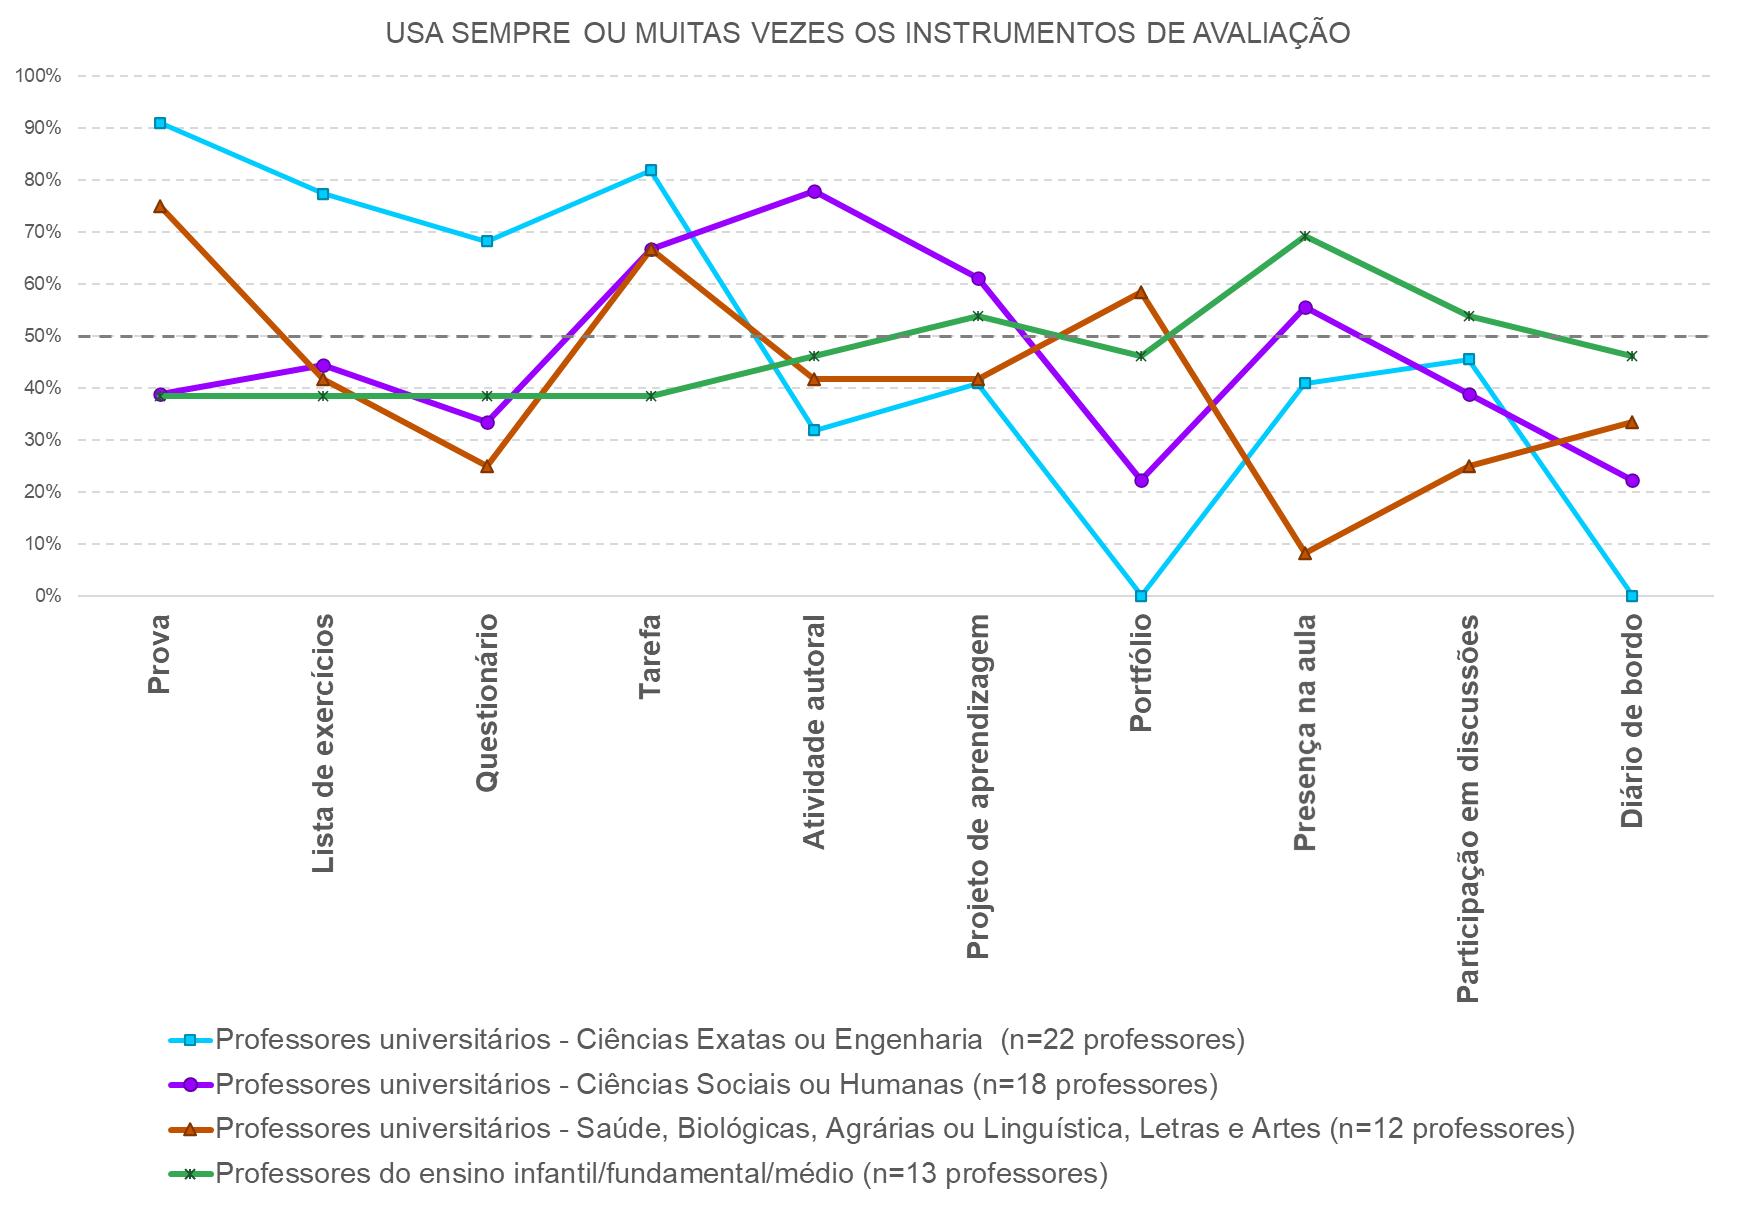 frequência do uso de diferentes instrumentos de avaliação por área